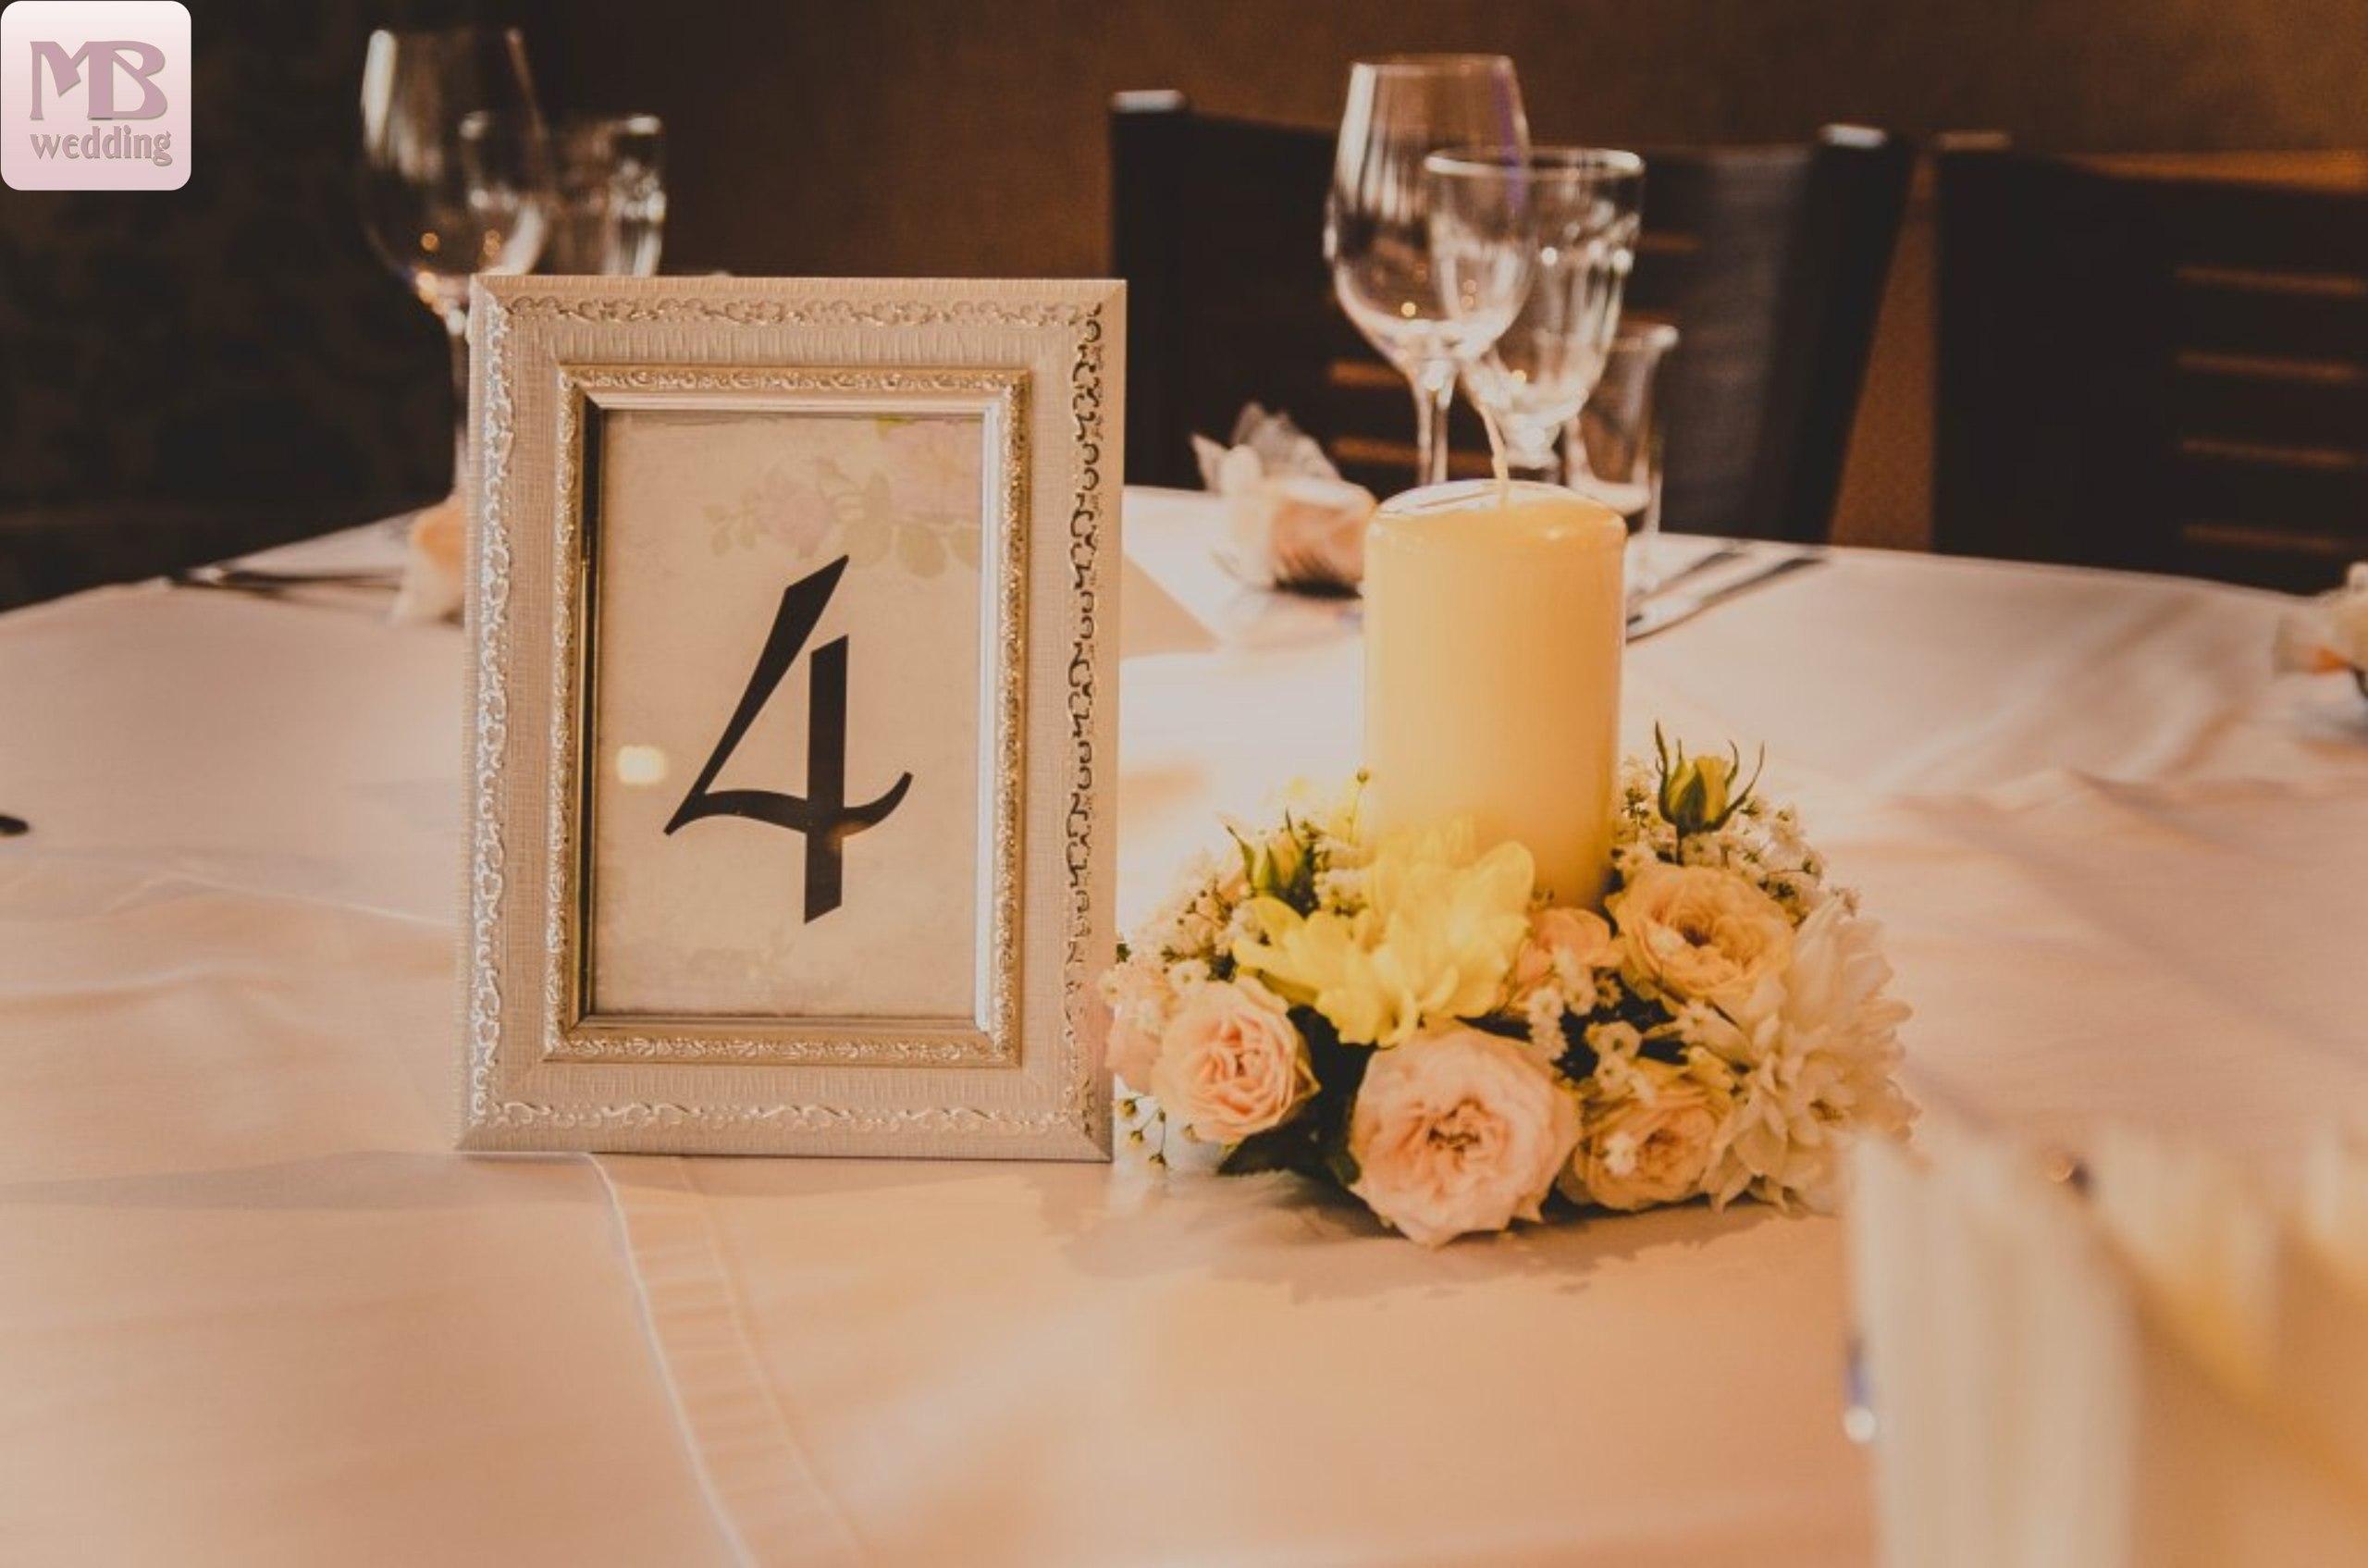 Номерки для столов своими руками Красивая Свадьба 29